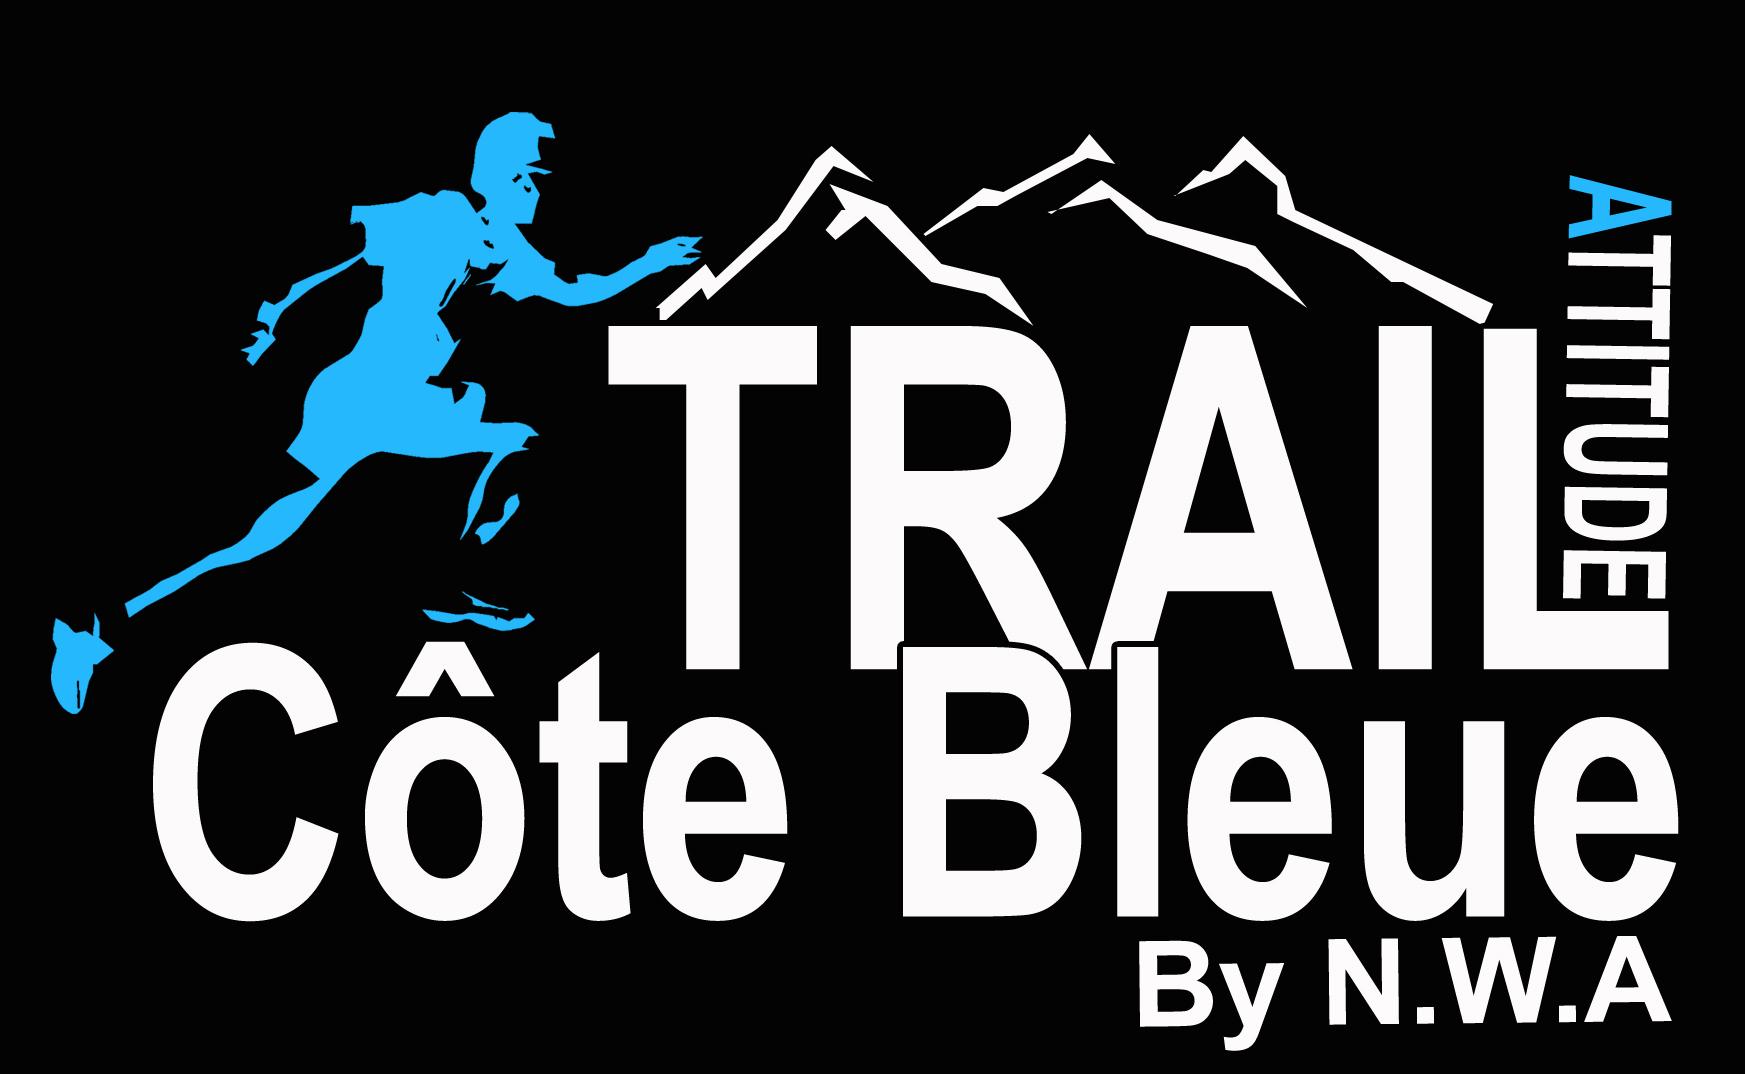 TRAIL_CÔTE_BLEUE